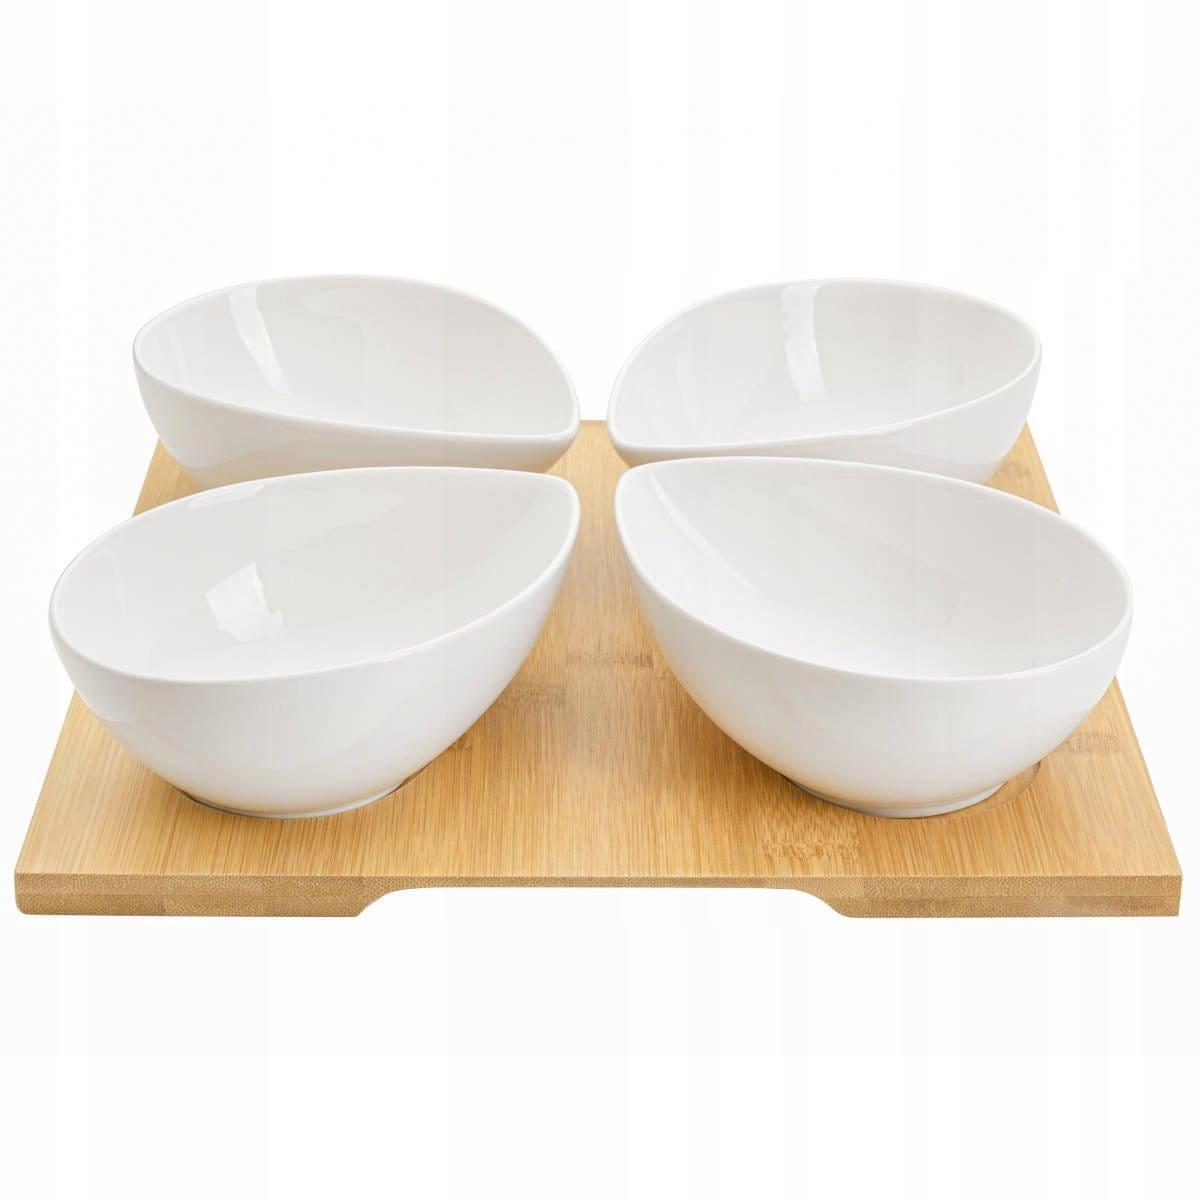 Чаша для соуса 4 шт на бамбуковой доске Adria